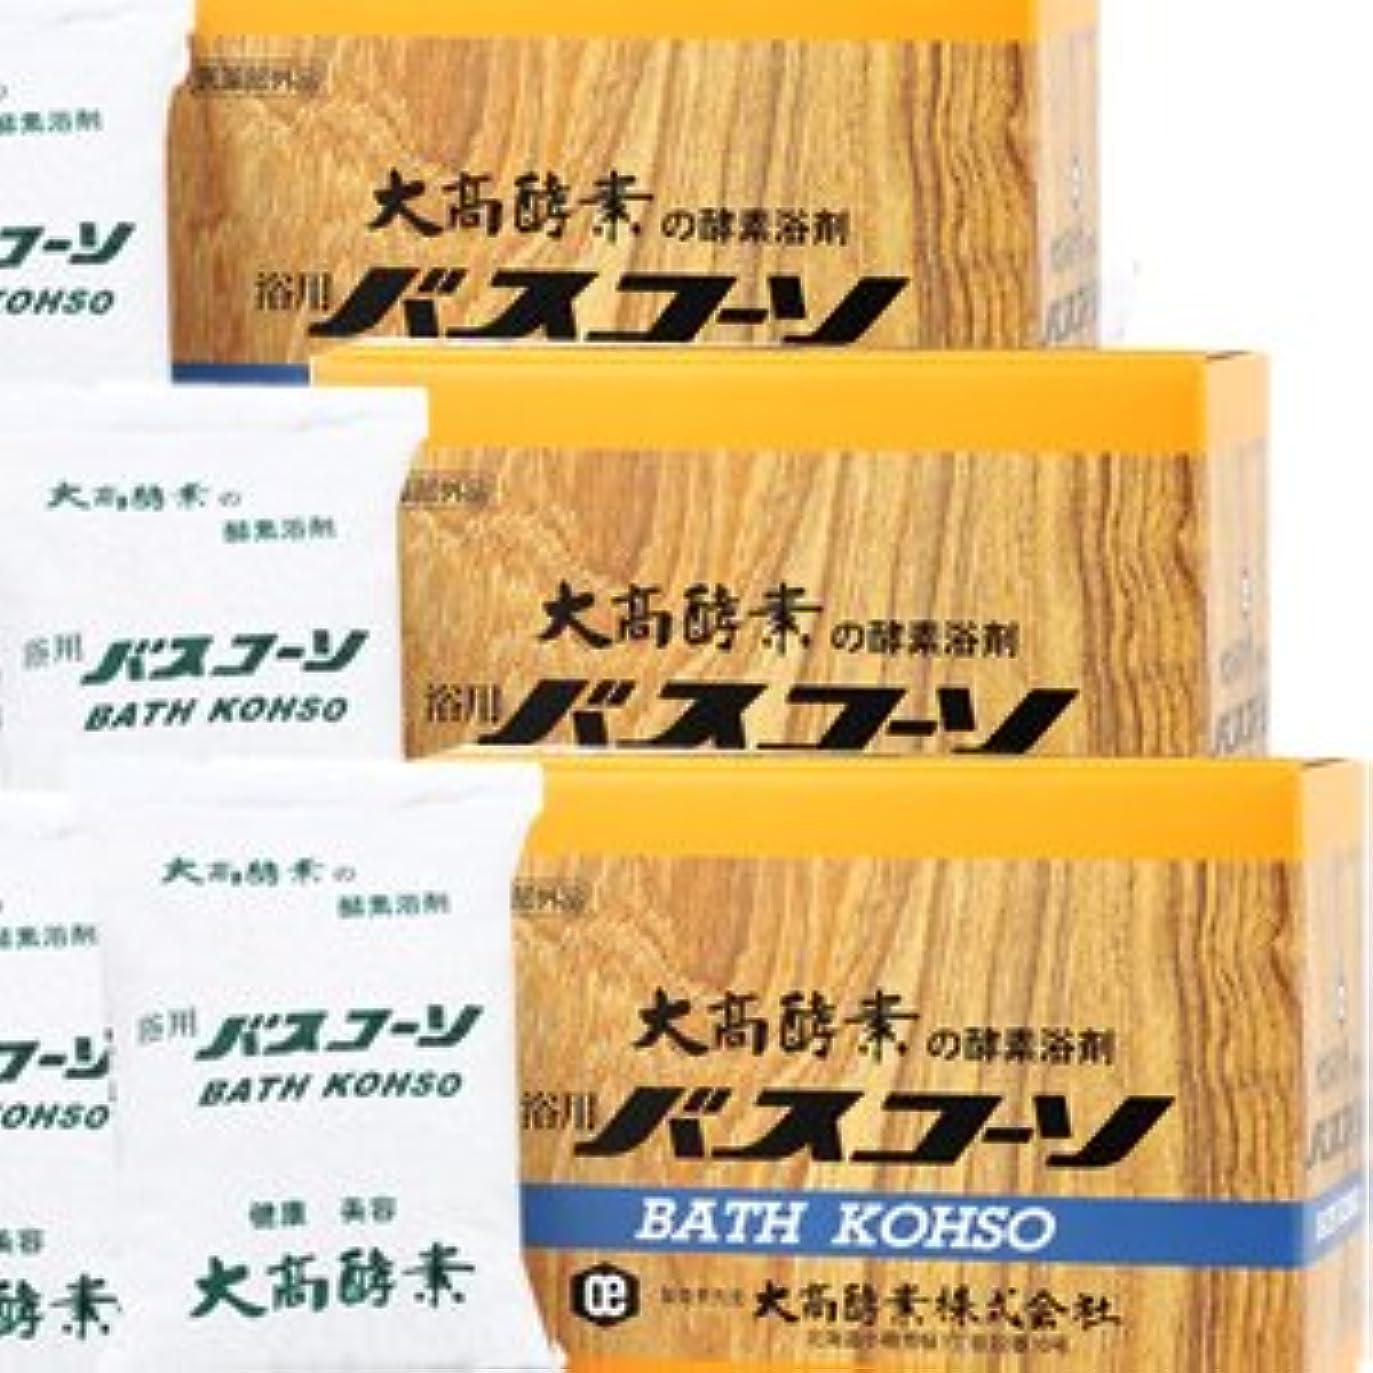 費やす日常的に部門【3個】 大高酵素 バスコーソ酵素入浴剤(100g×6袋)x3個 4971578001095